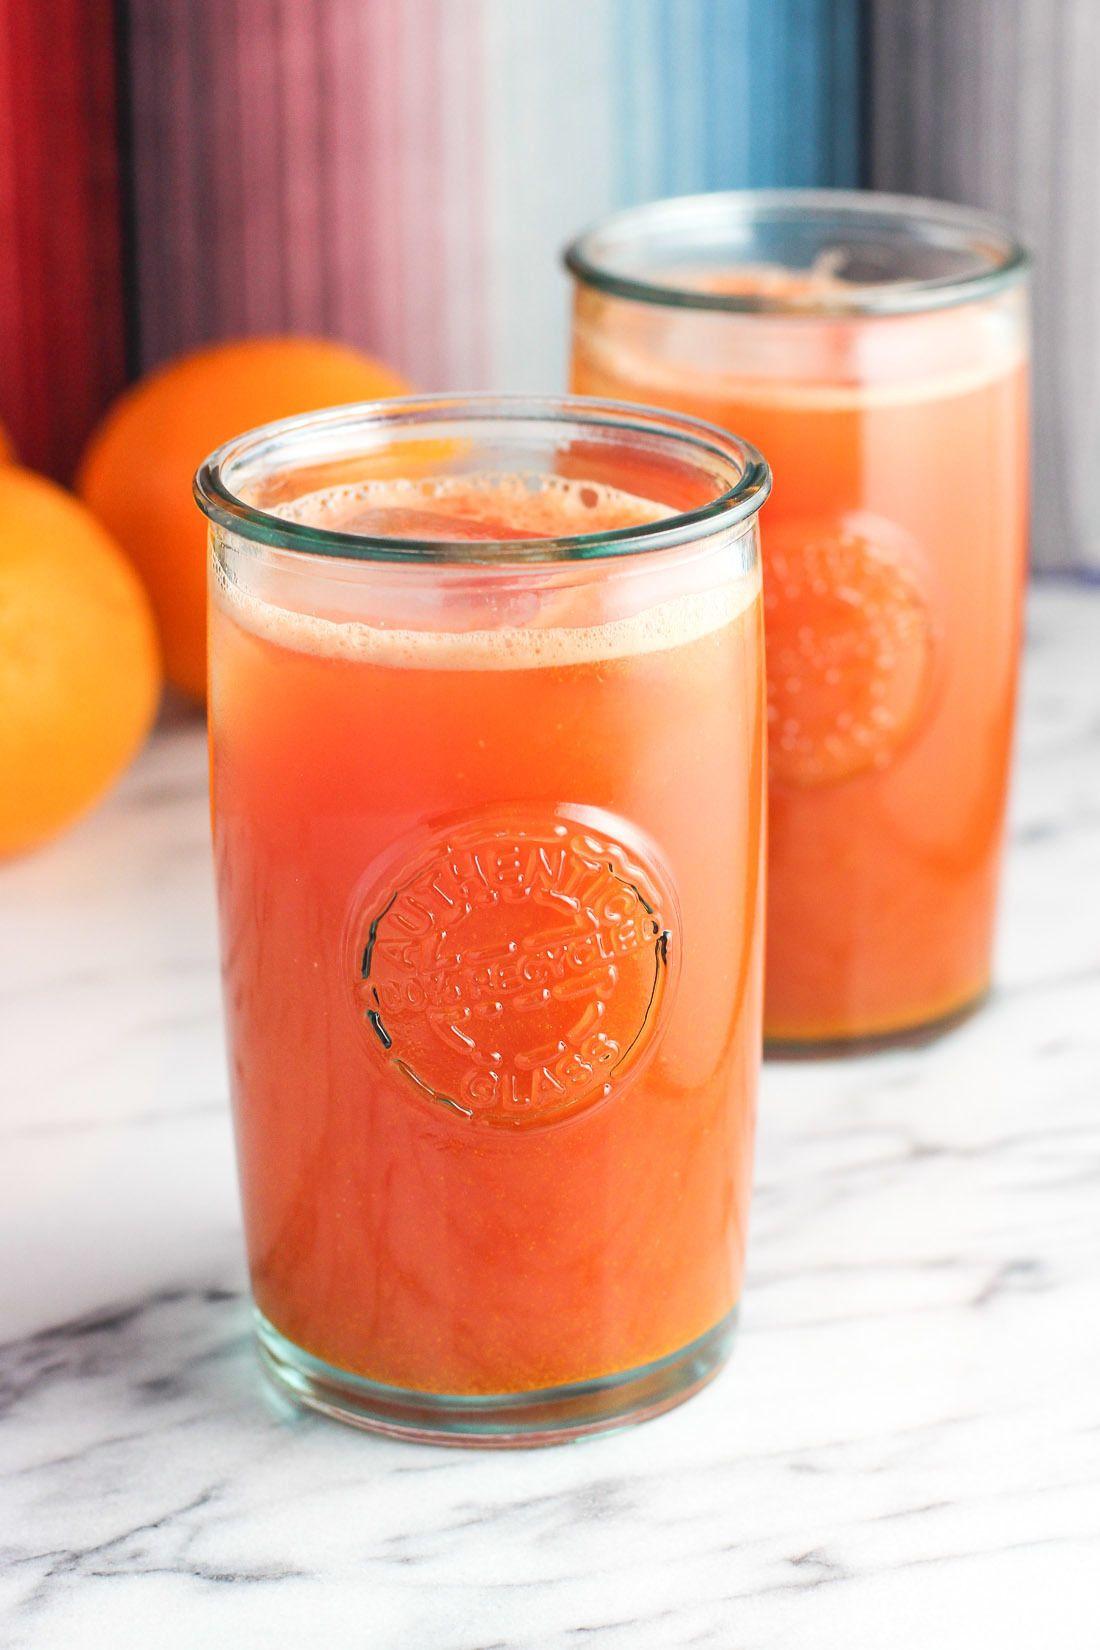 Make a ginger lemon blender shot in your blender, easily